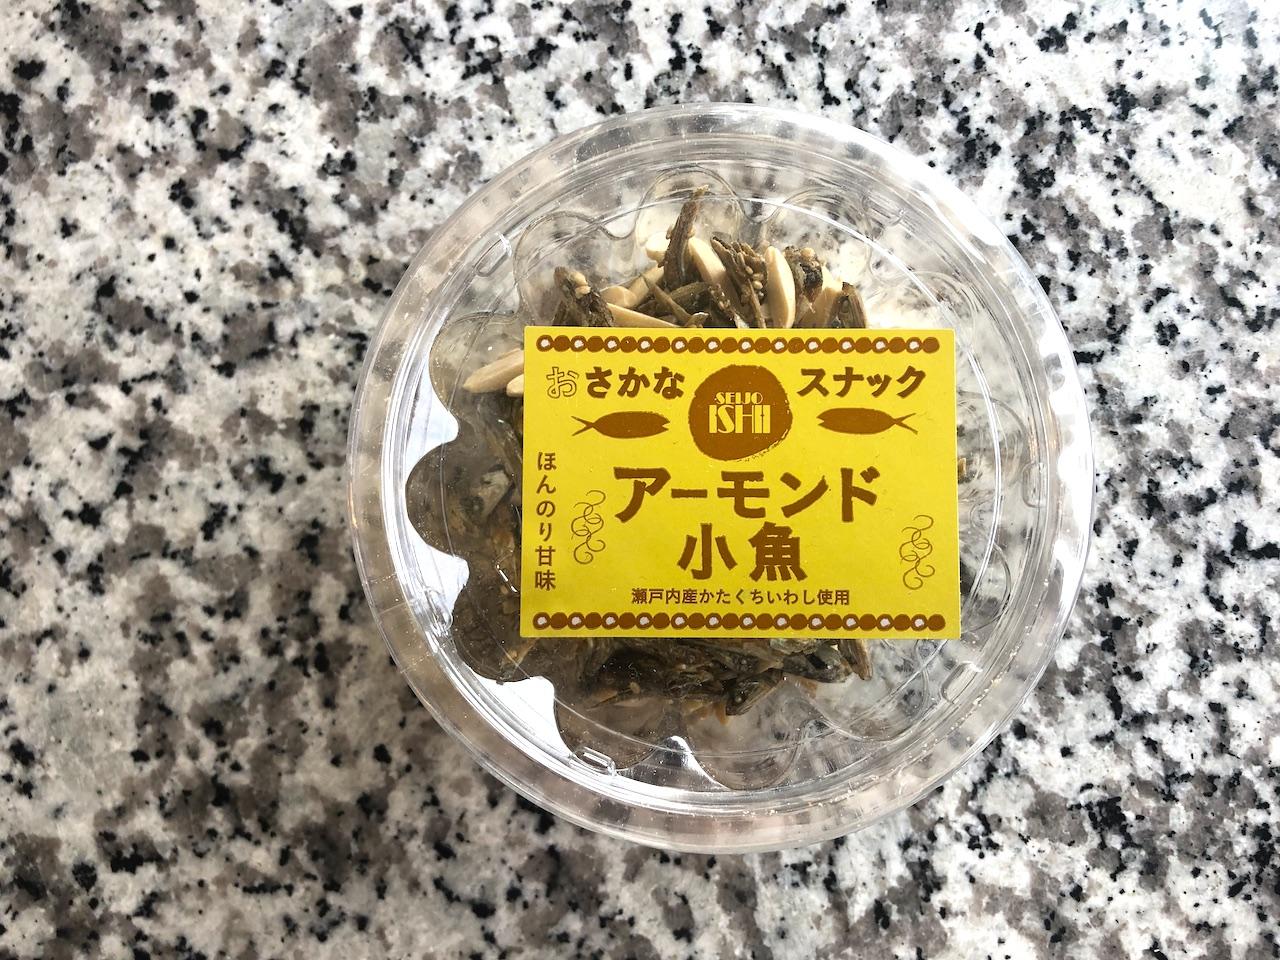 アーモンド小魚 パッケージ